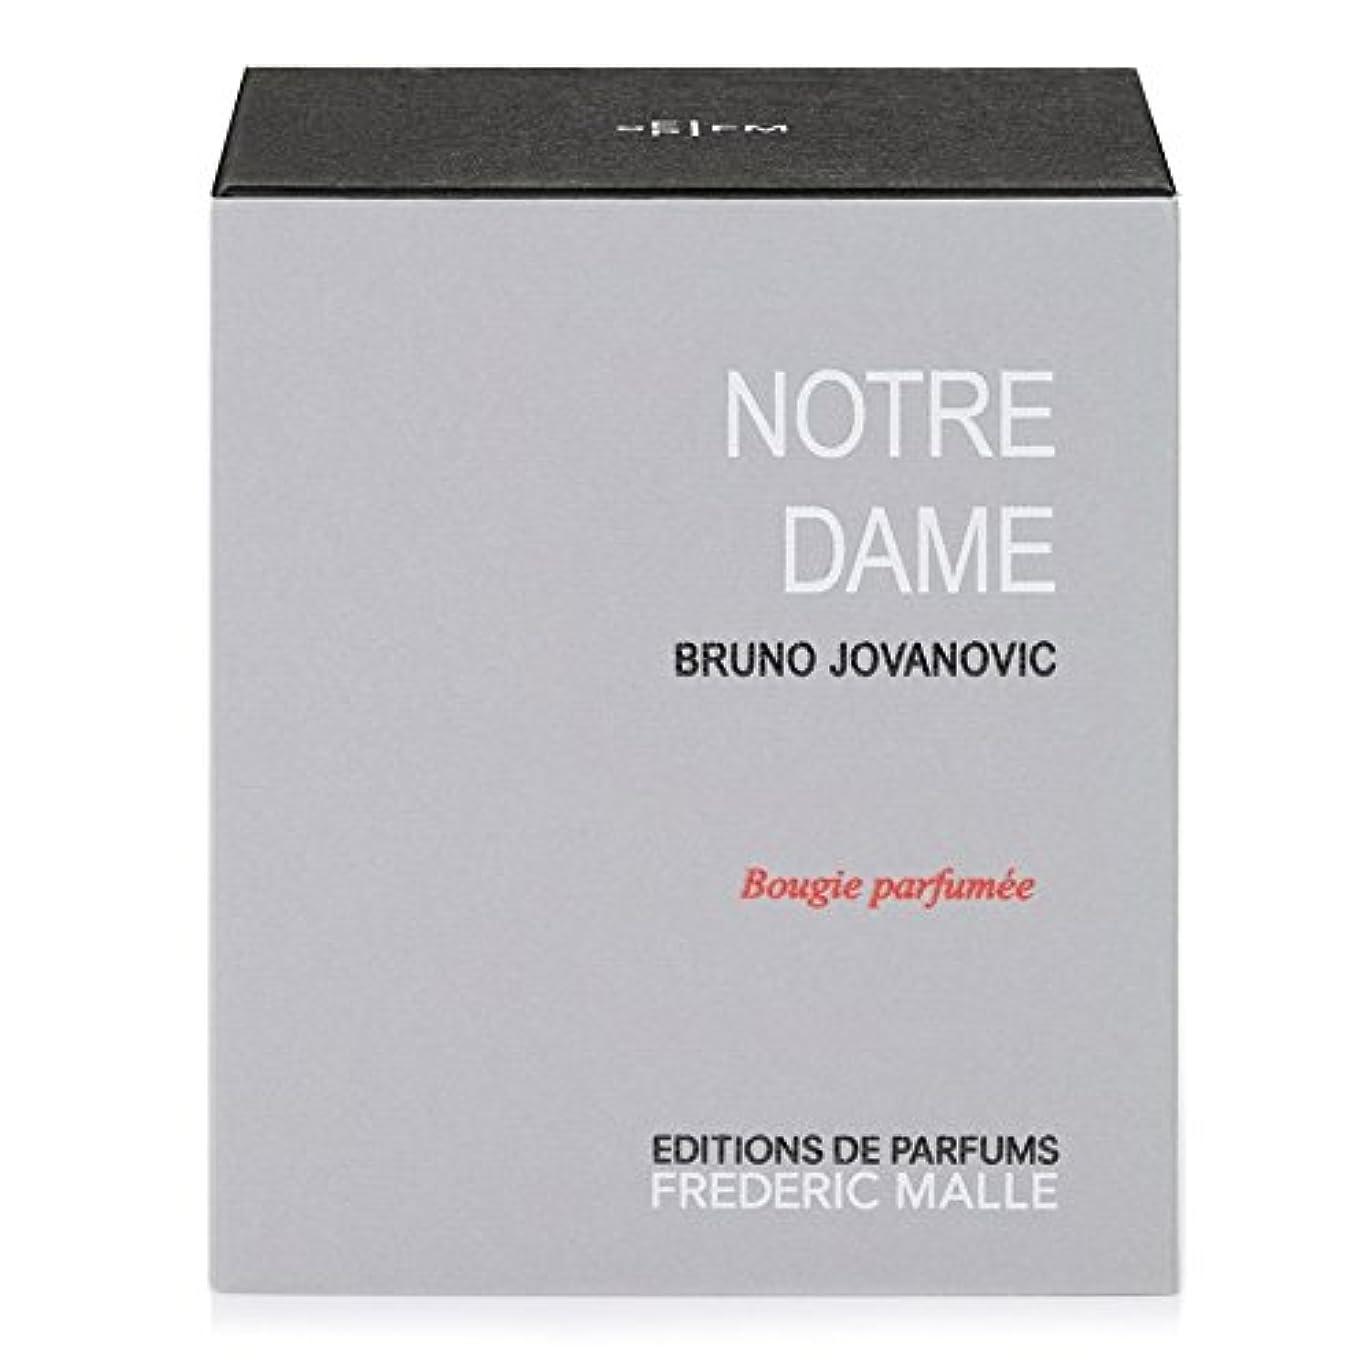 唯一振り返るパブFrederic Malle Notre Dame Scented Candle 220g - フレデリック?マルノートルダム香りのキャンドル220グラム [並行輸入品]